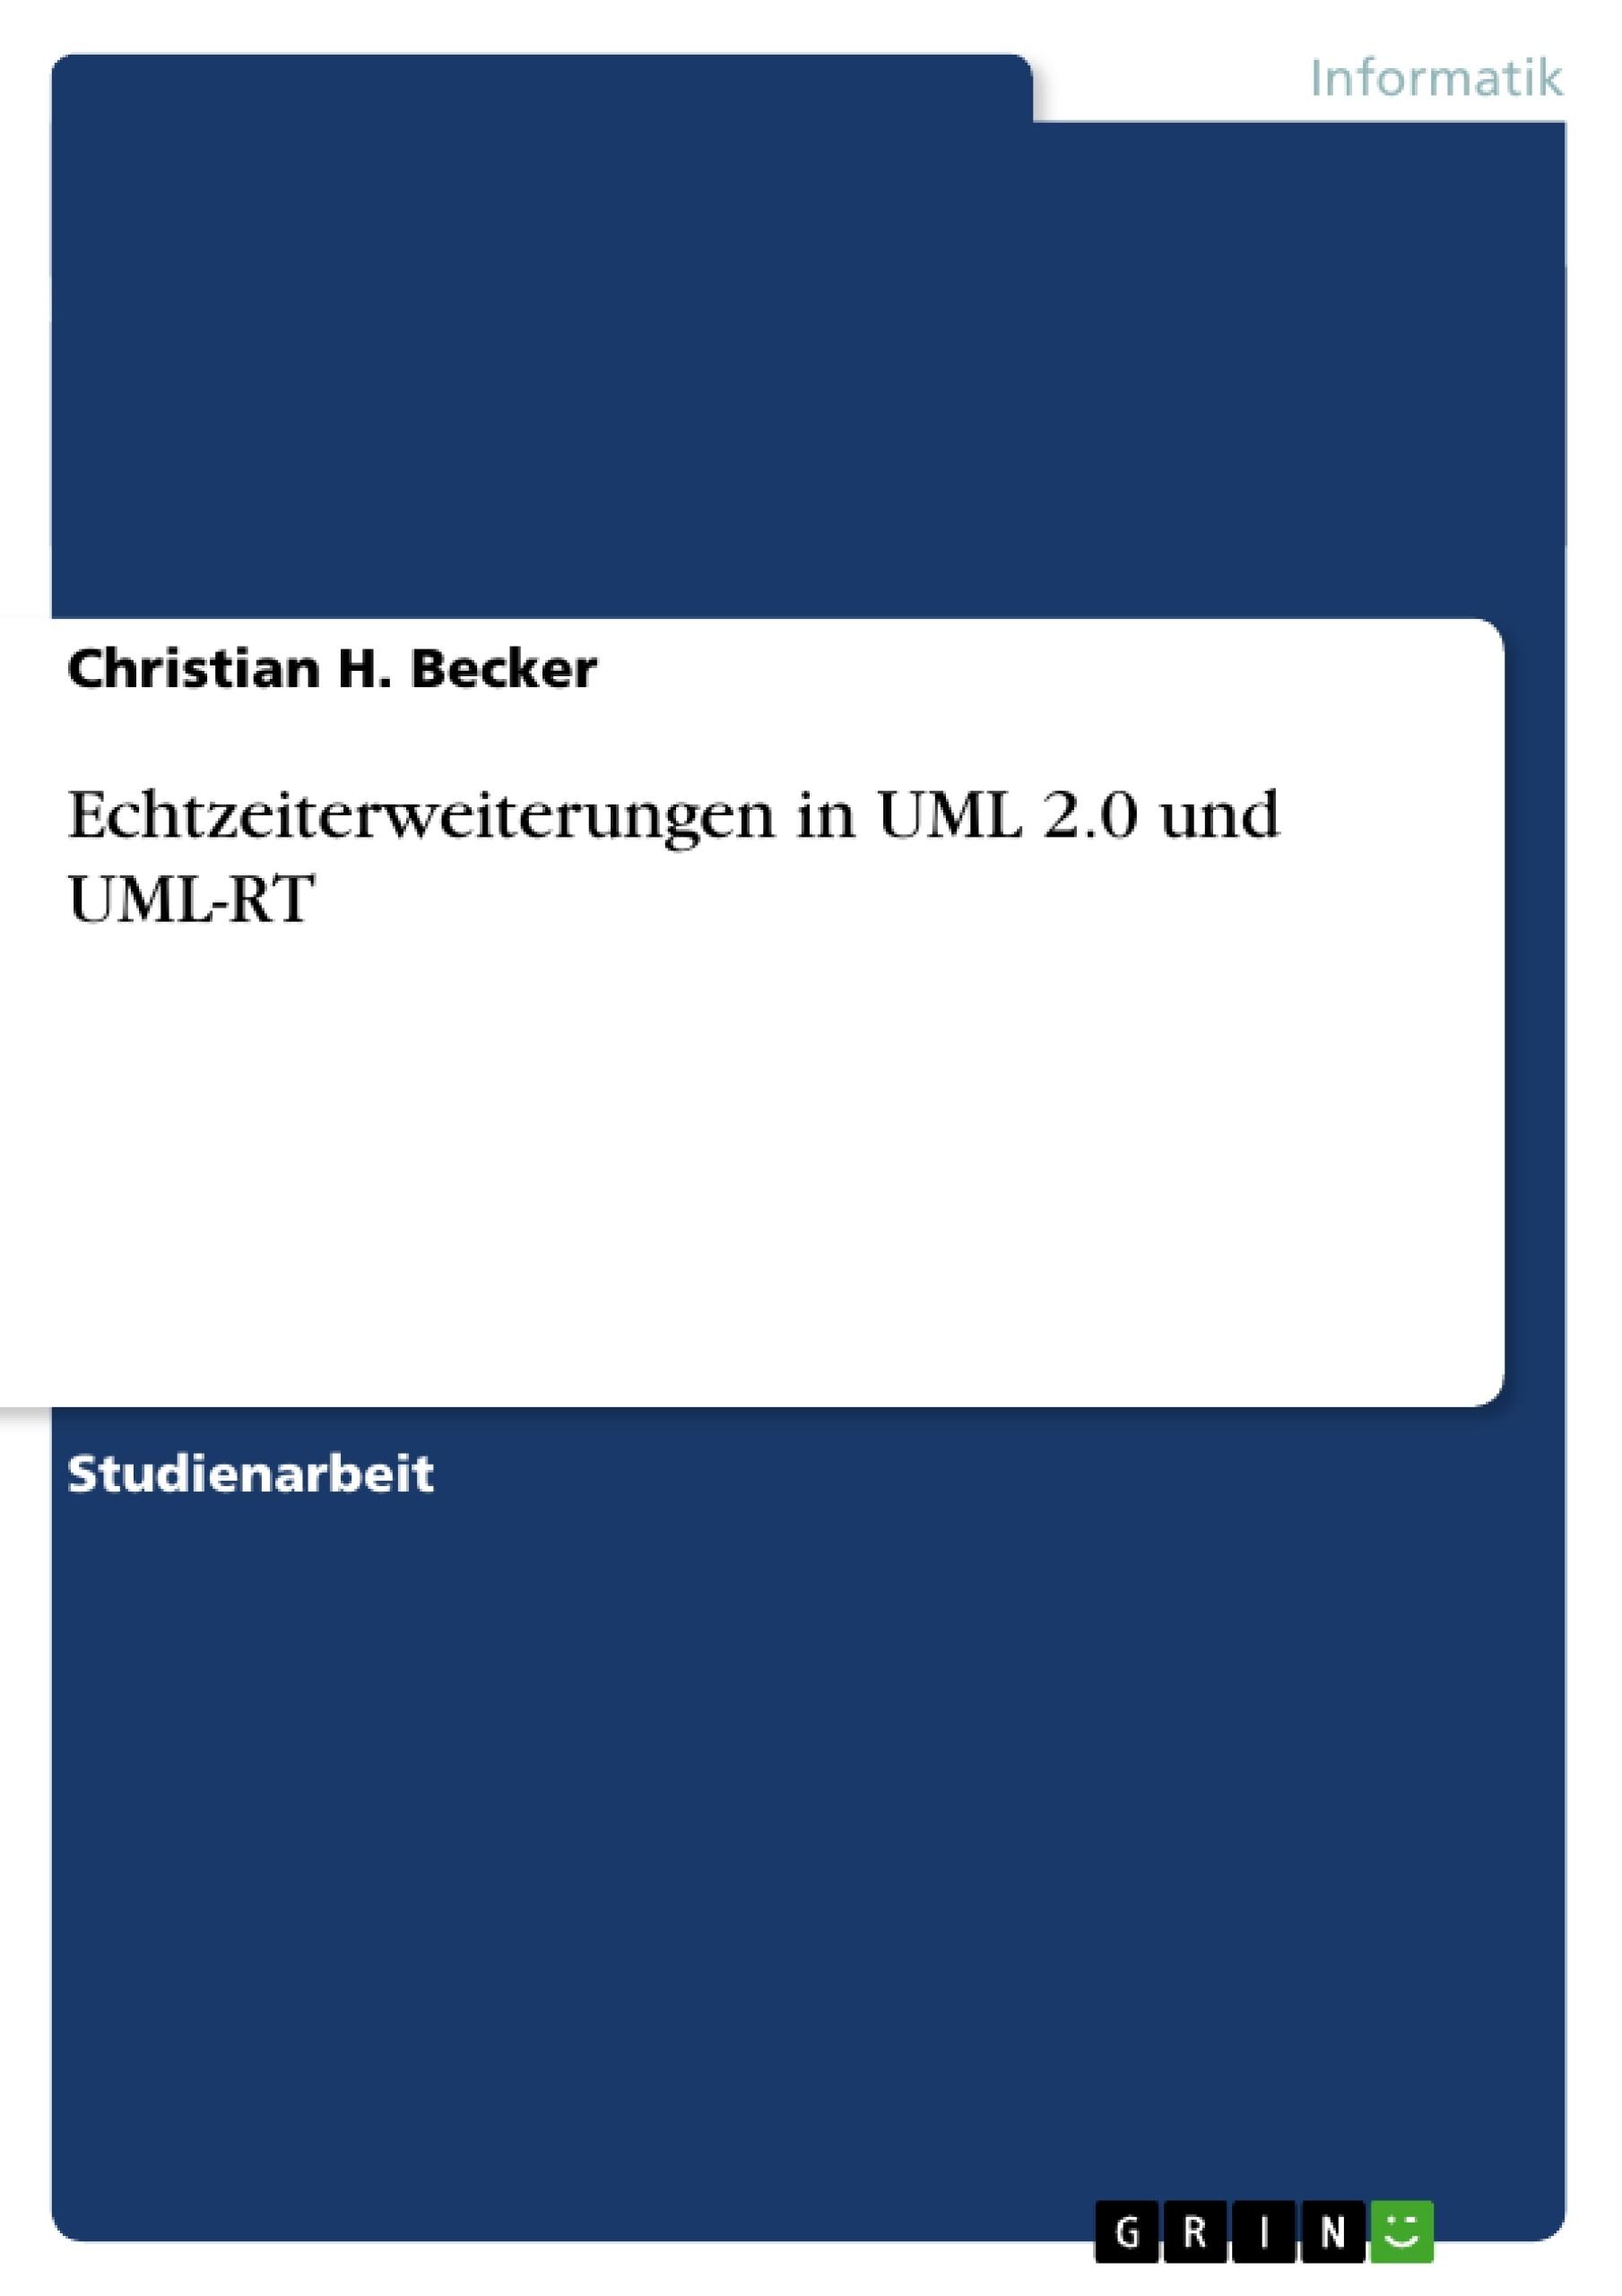 Titel: Echtzeiterweiterungen in UML 2.0 und UML-RT